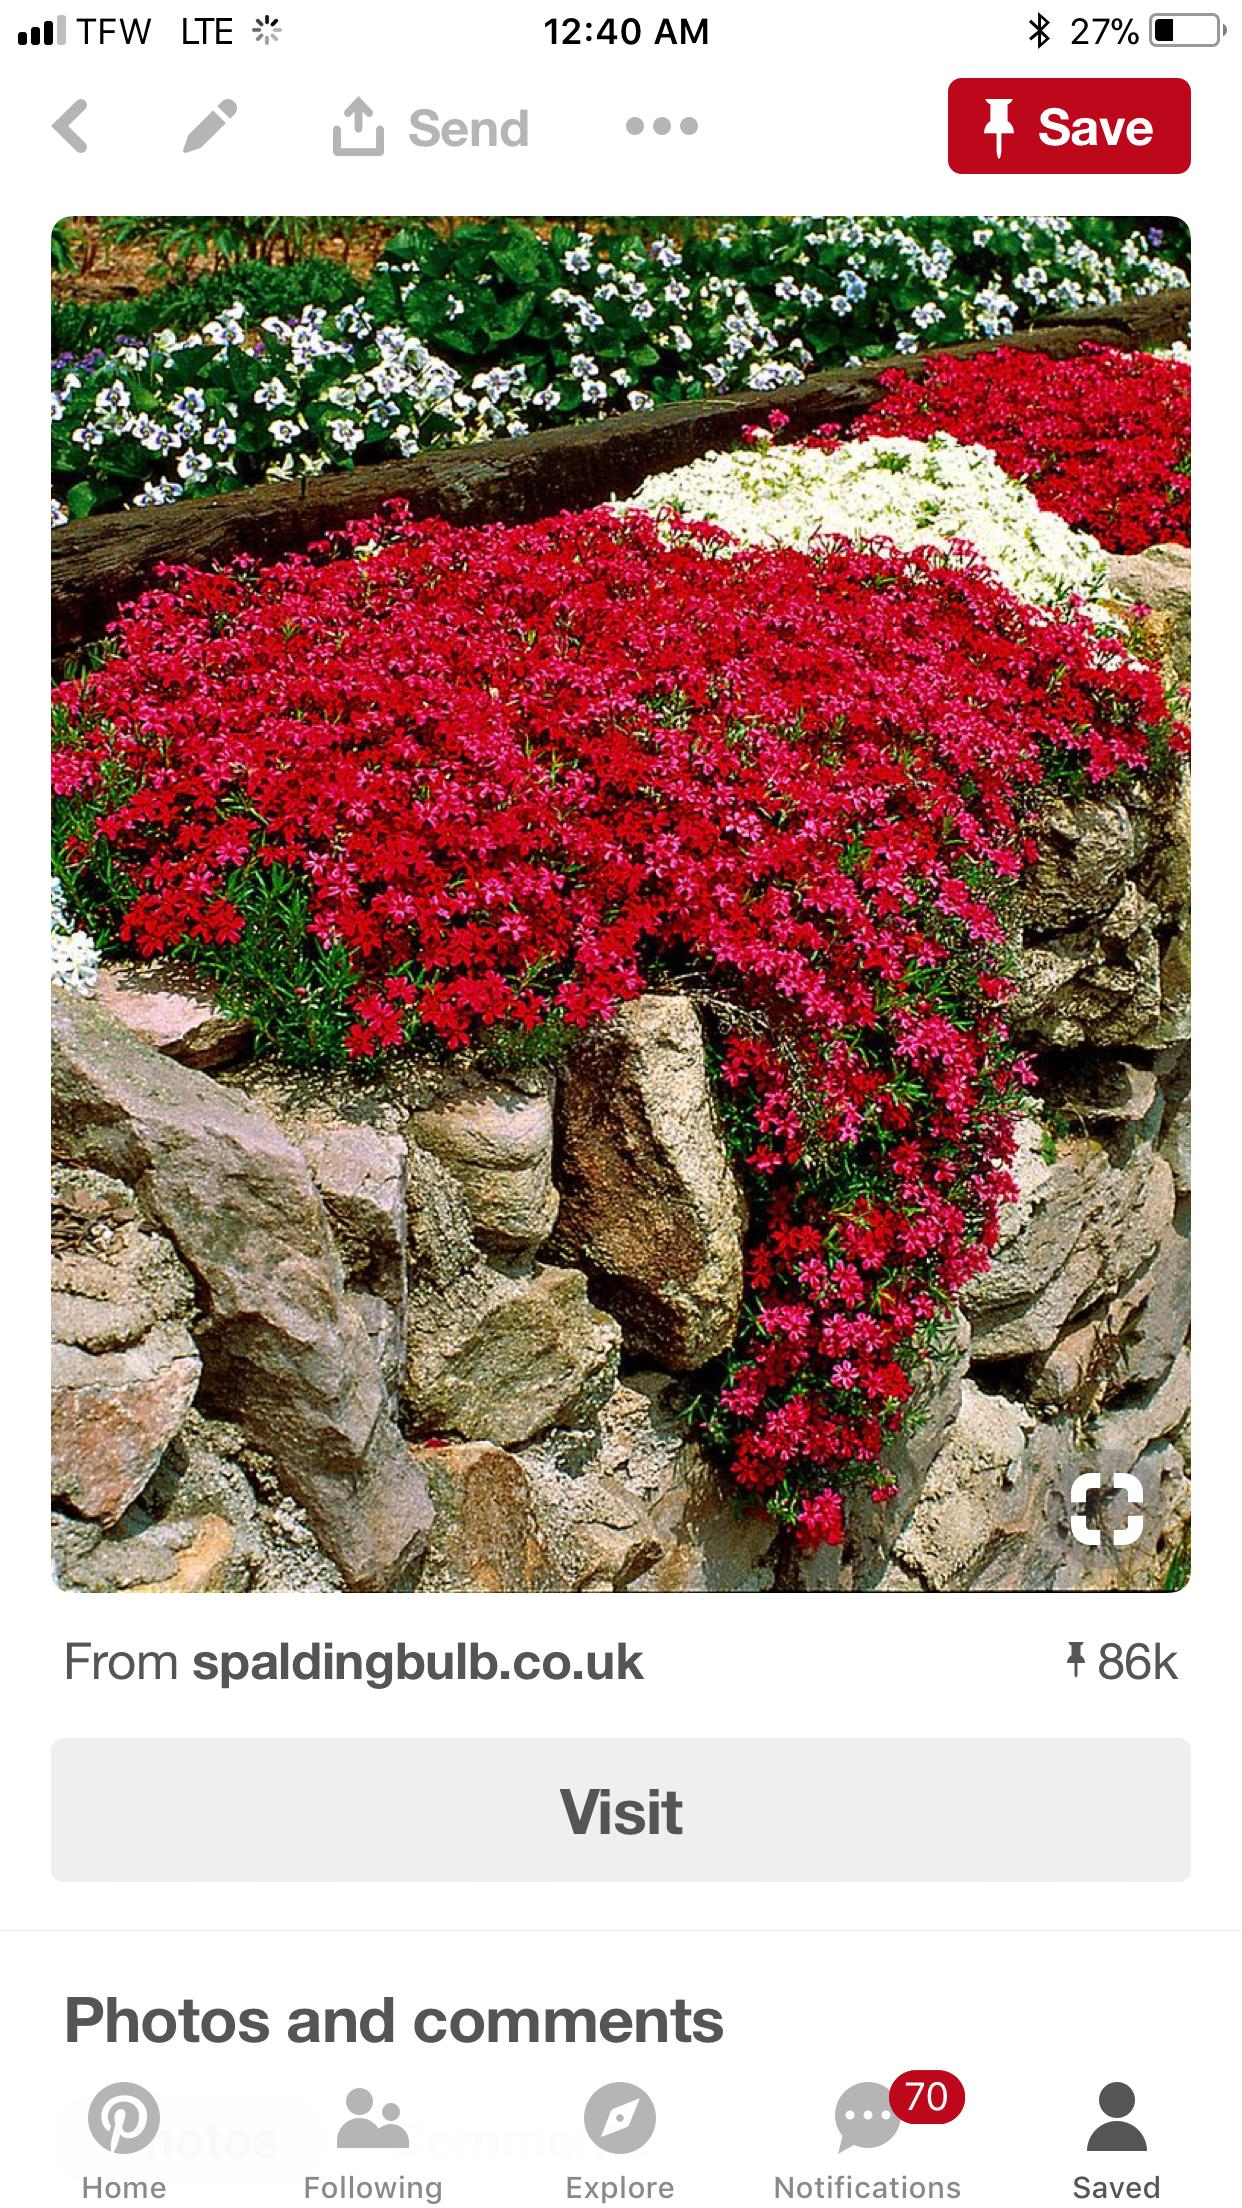 Piante Da Bordura Giardino pin di polenghifranca su fiori da bordura (con immagini